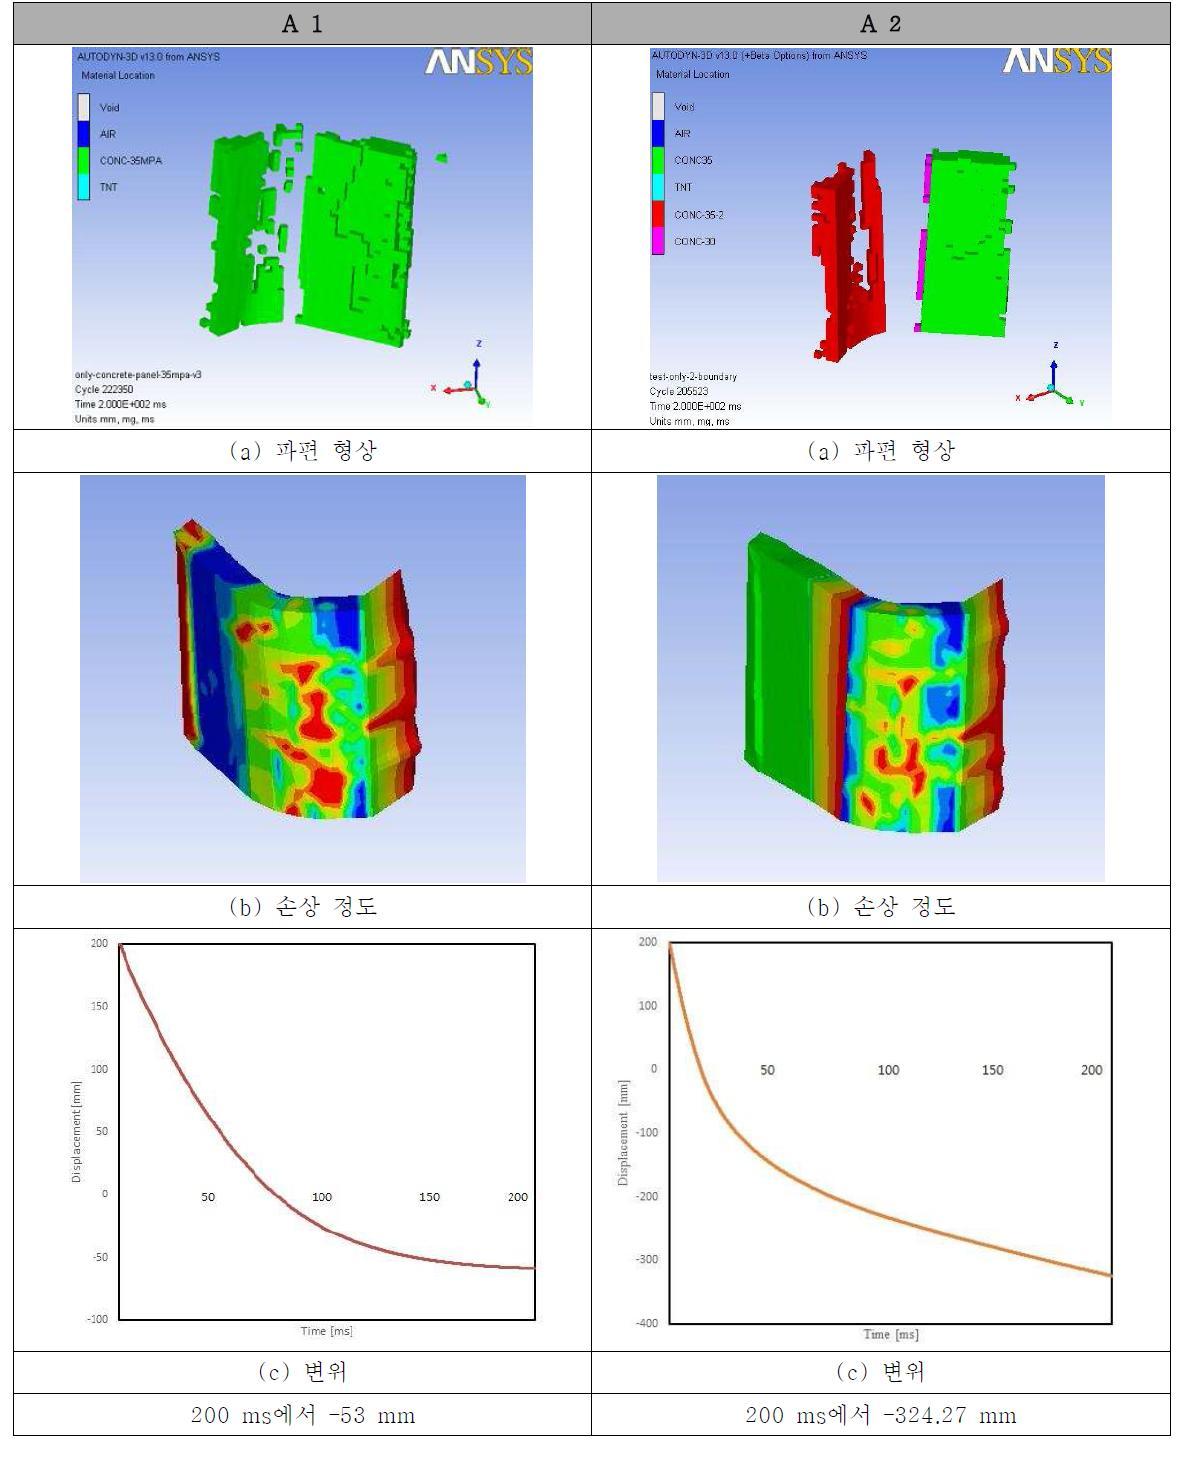 프리캐스트 적용 유무에 따른 콘크리트 모델의 거동 비교